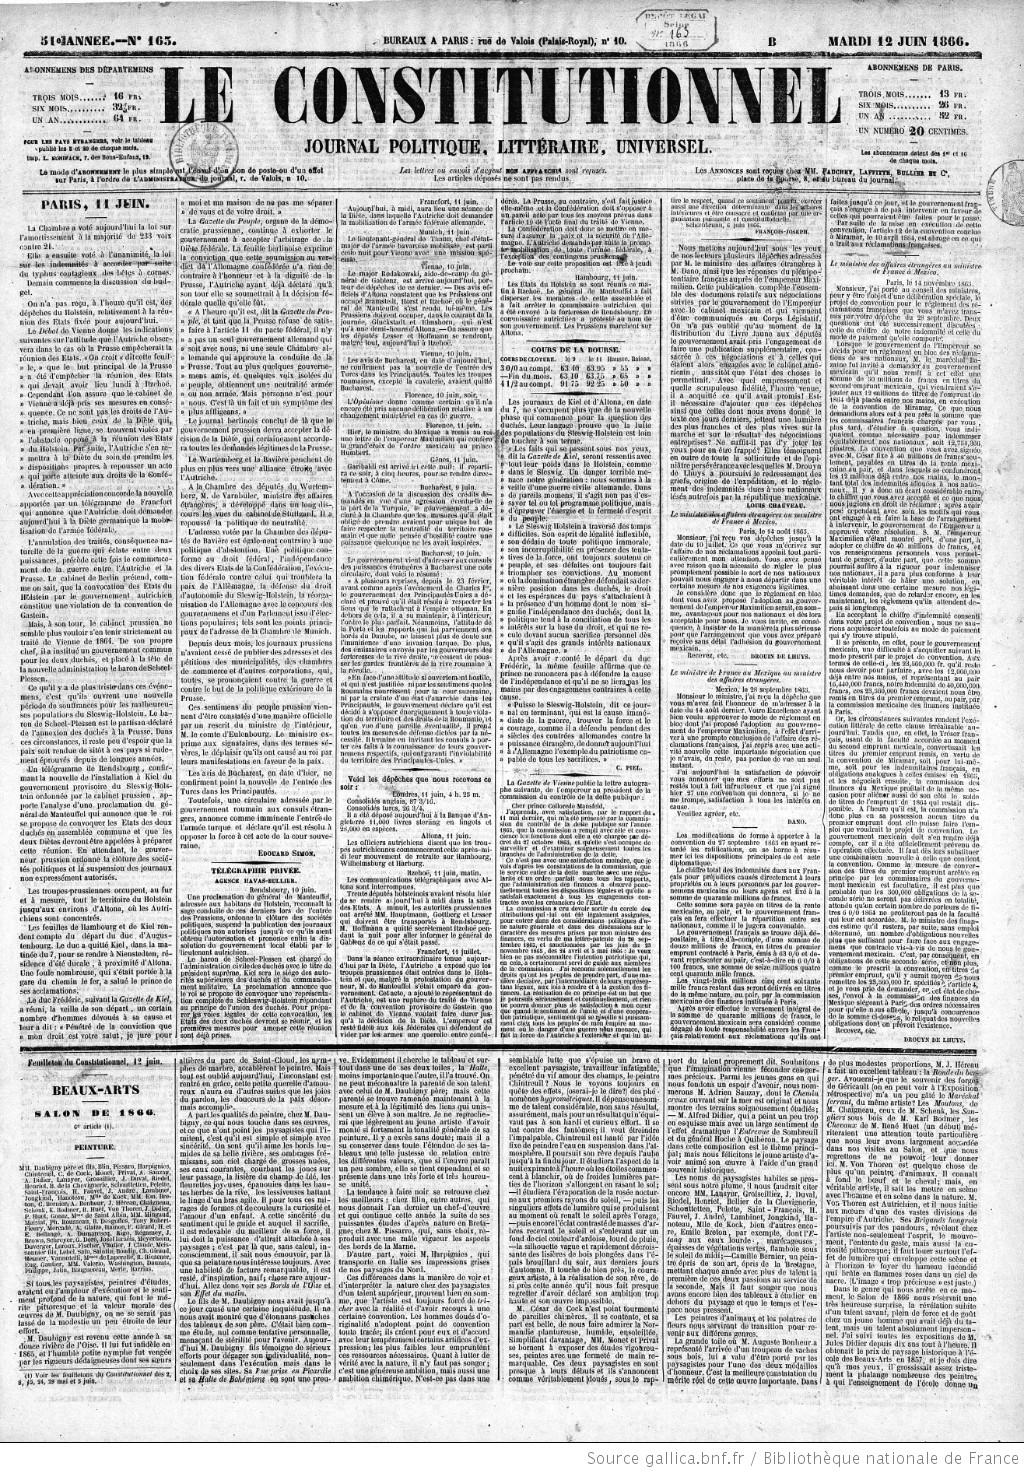 Jonc Inflexible De Fran Inspirant Photographie Le Constitutionnel Journal Du Merce Politique Et Littéraire